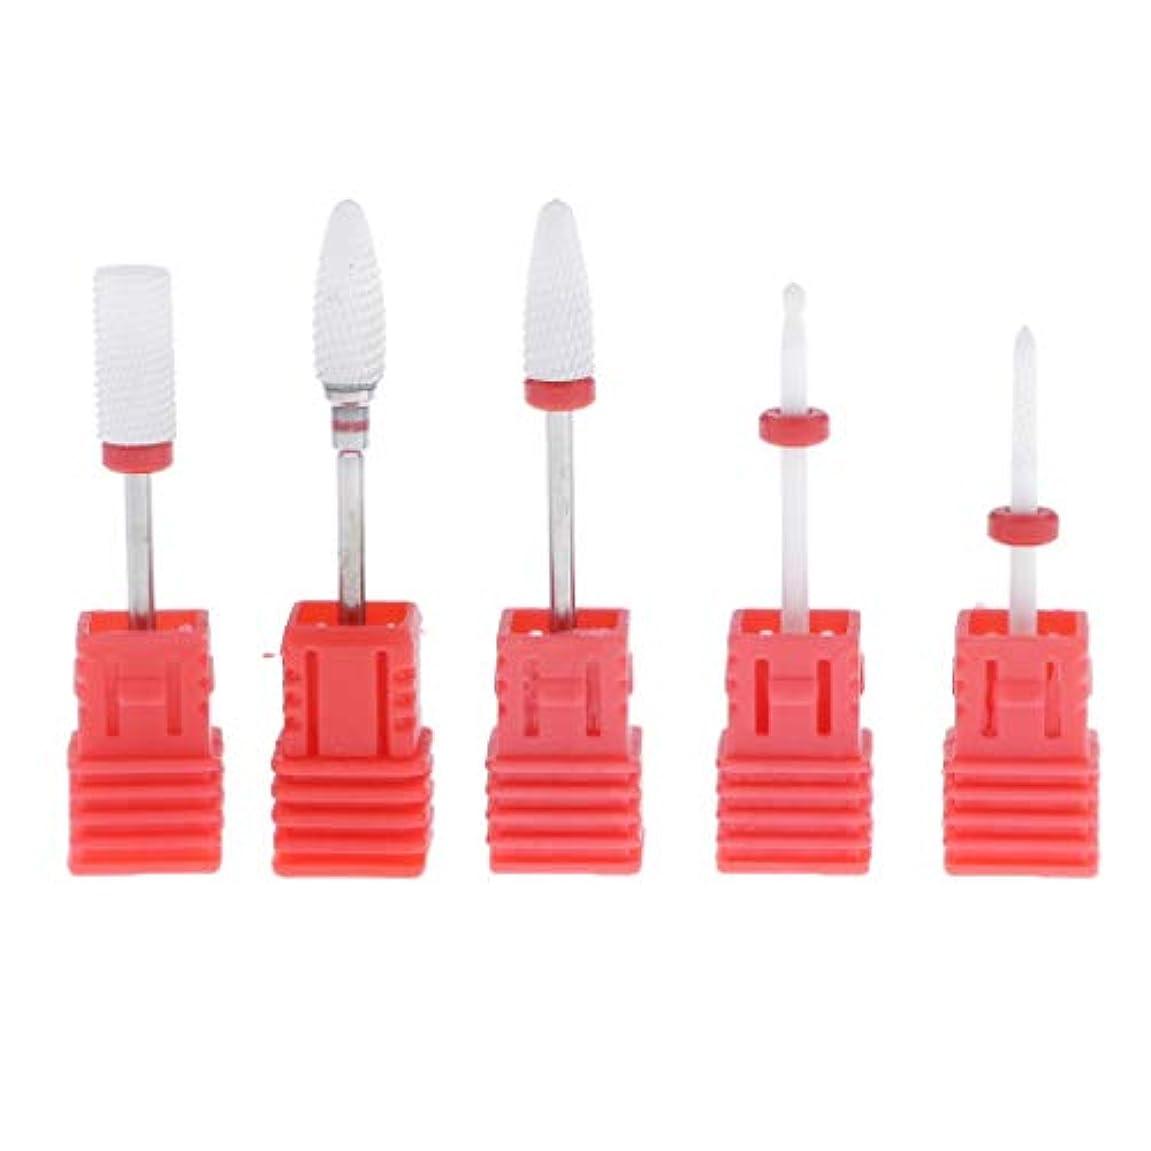 洗剤嵐が丘馬力5個入り 陶磁器ドリルビット ネイルドリルビット ロータリーファイル 研削ネイル 切削工具 高硬度